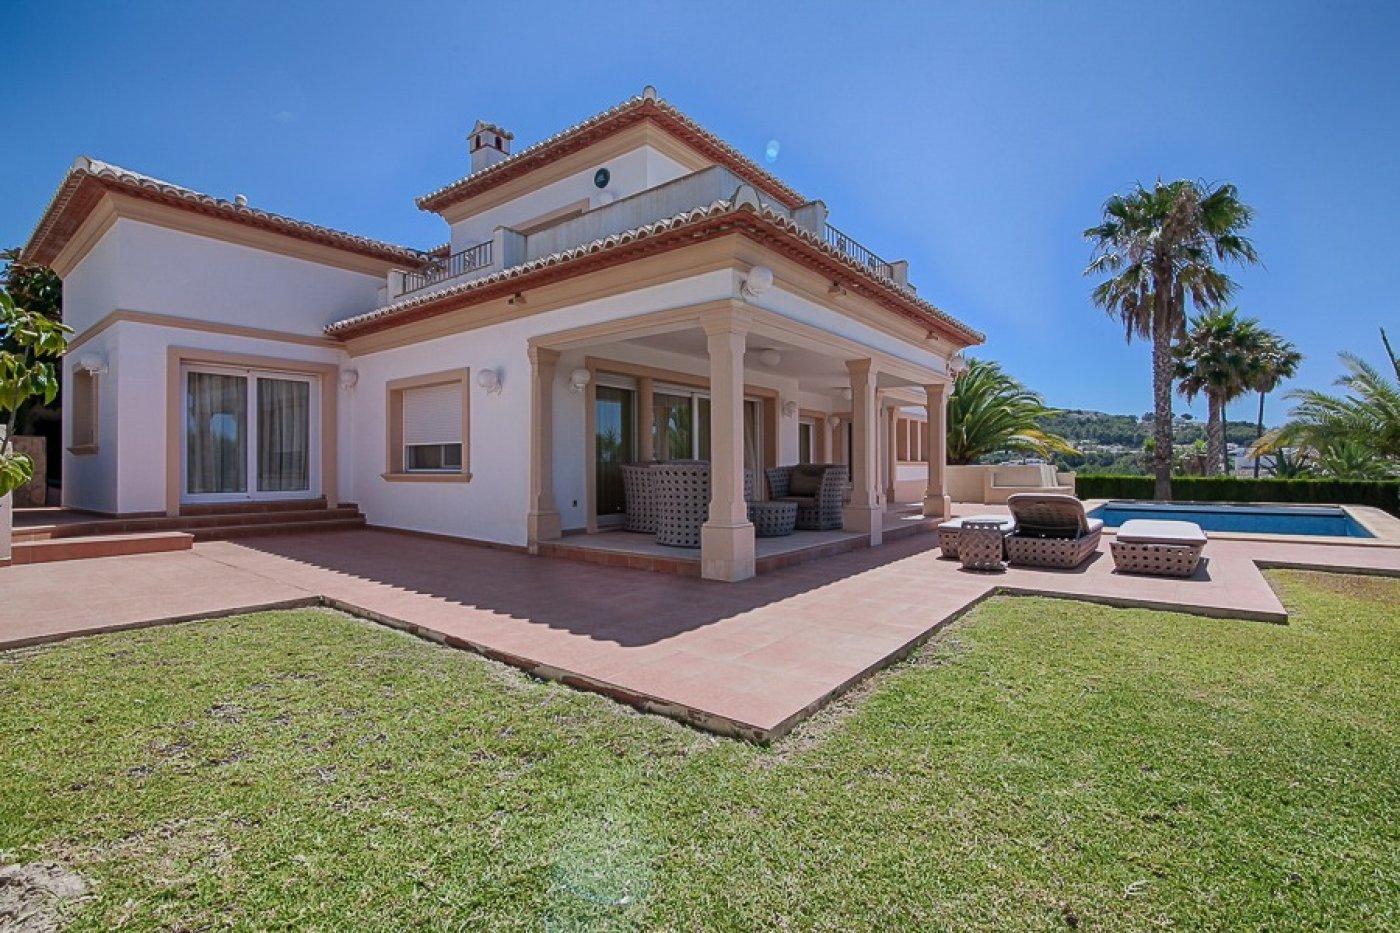 Villa - Ready To Move And Live - Sol Park - Moraira